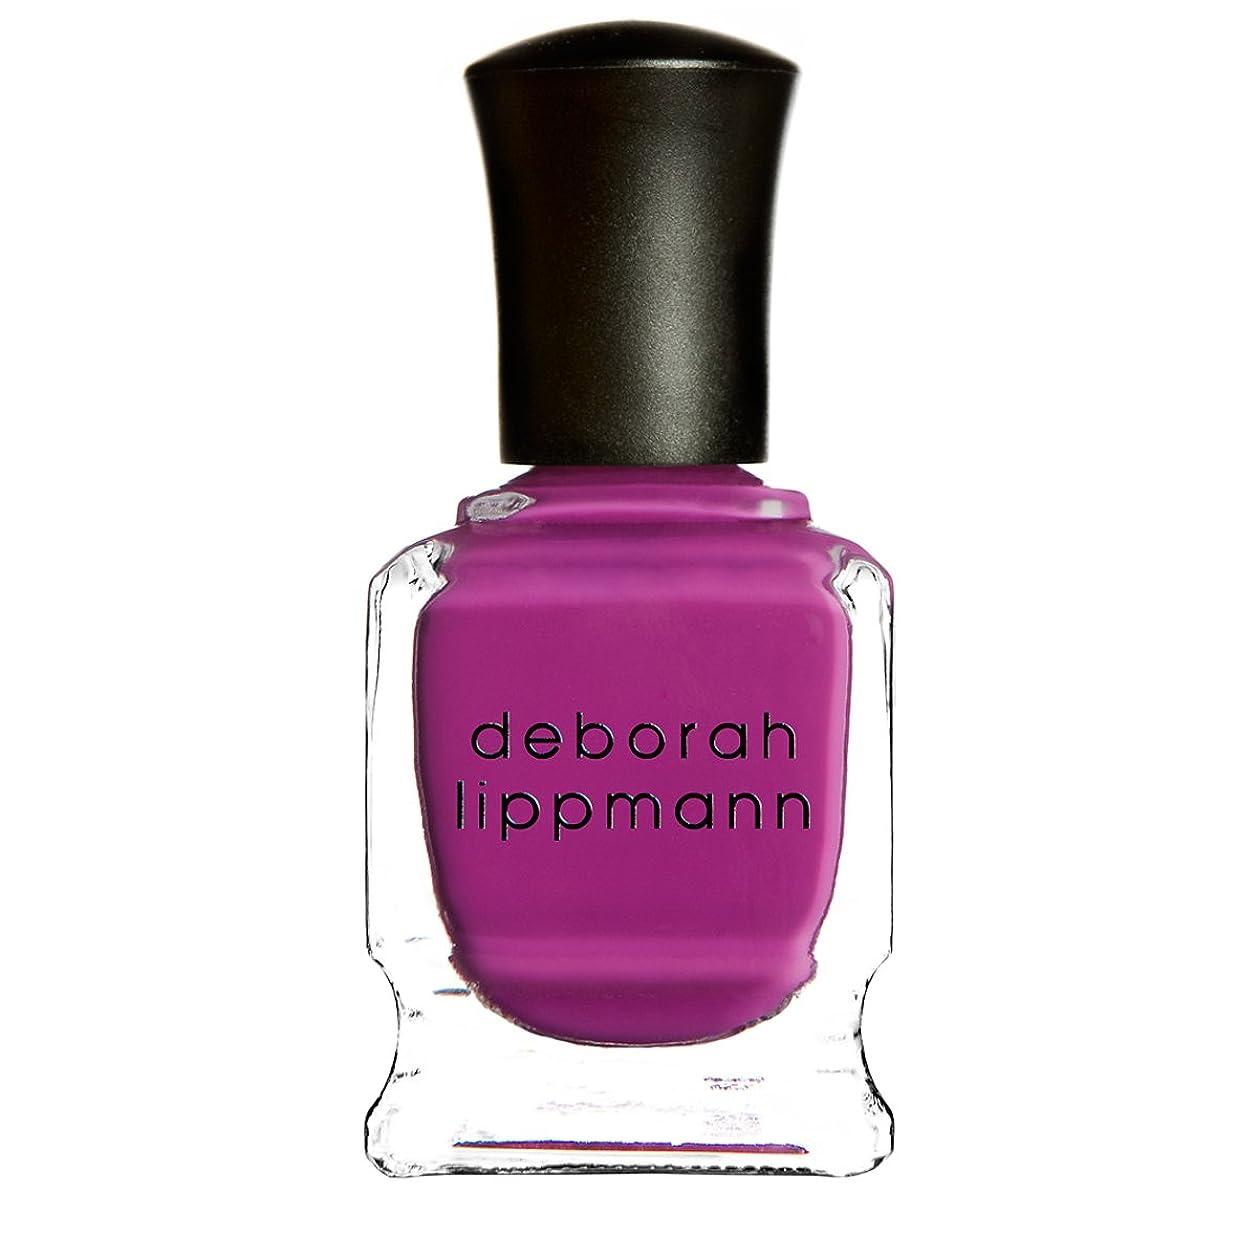 大事にする前置詞引き付ける[Deborah Lippmann] デボラリップマン ポリッシュ ピンク系 15mL (ビトゥイーン ザ シーツ)